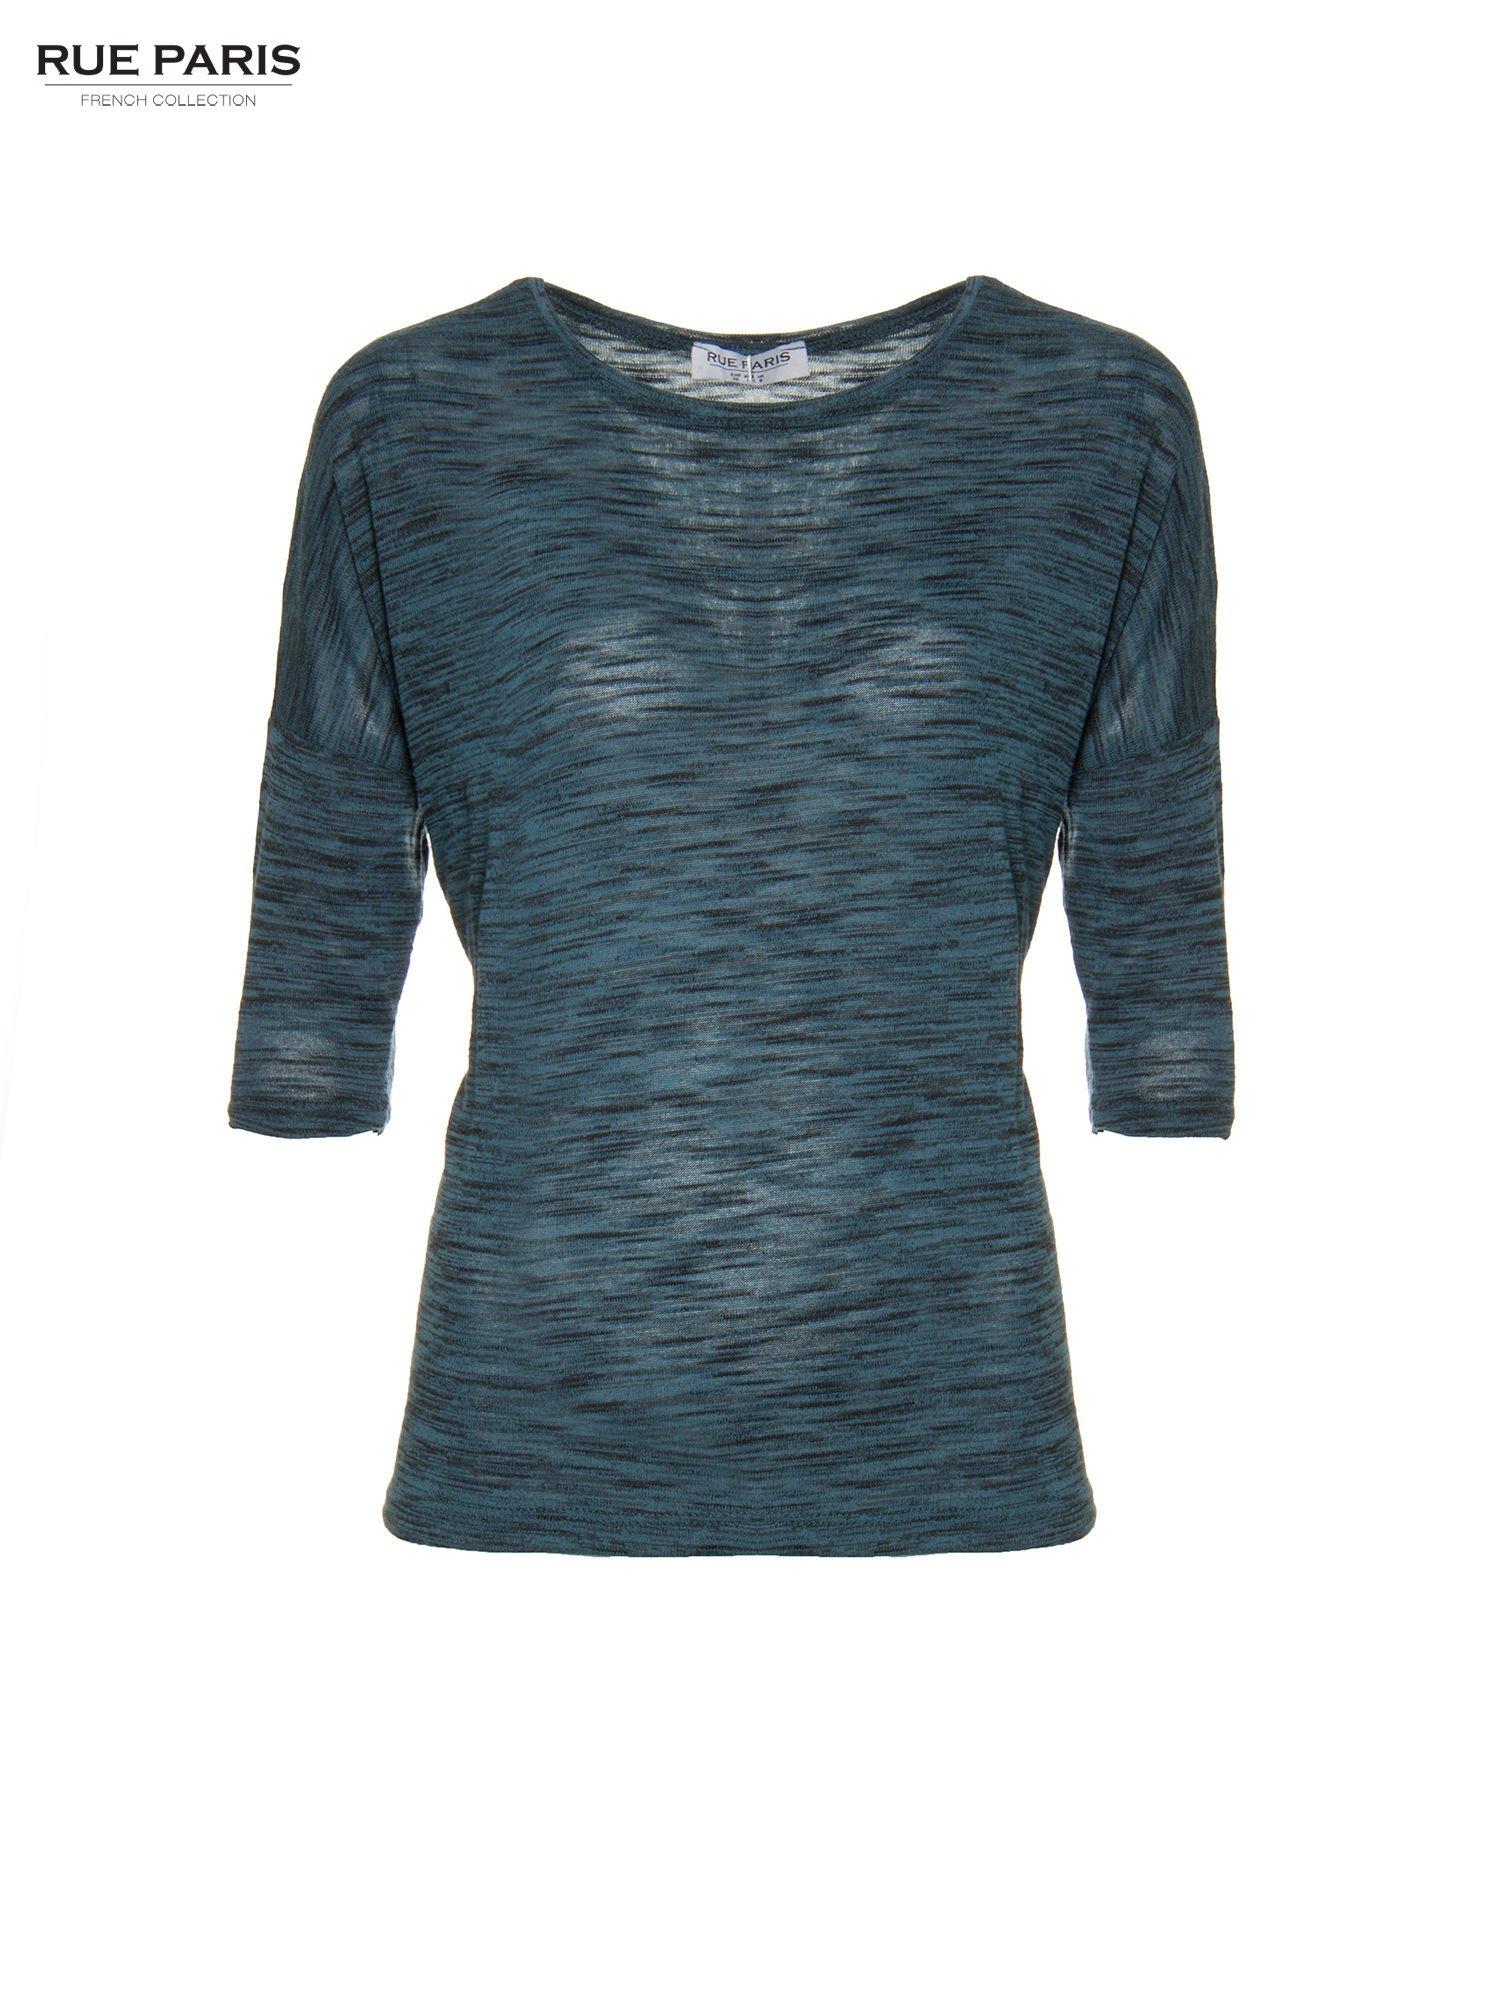 Granatowa melanżowa bluzka o obniżonej linii ramion                                  zdj.                                  5